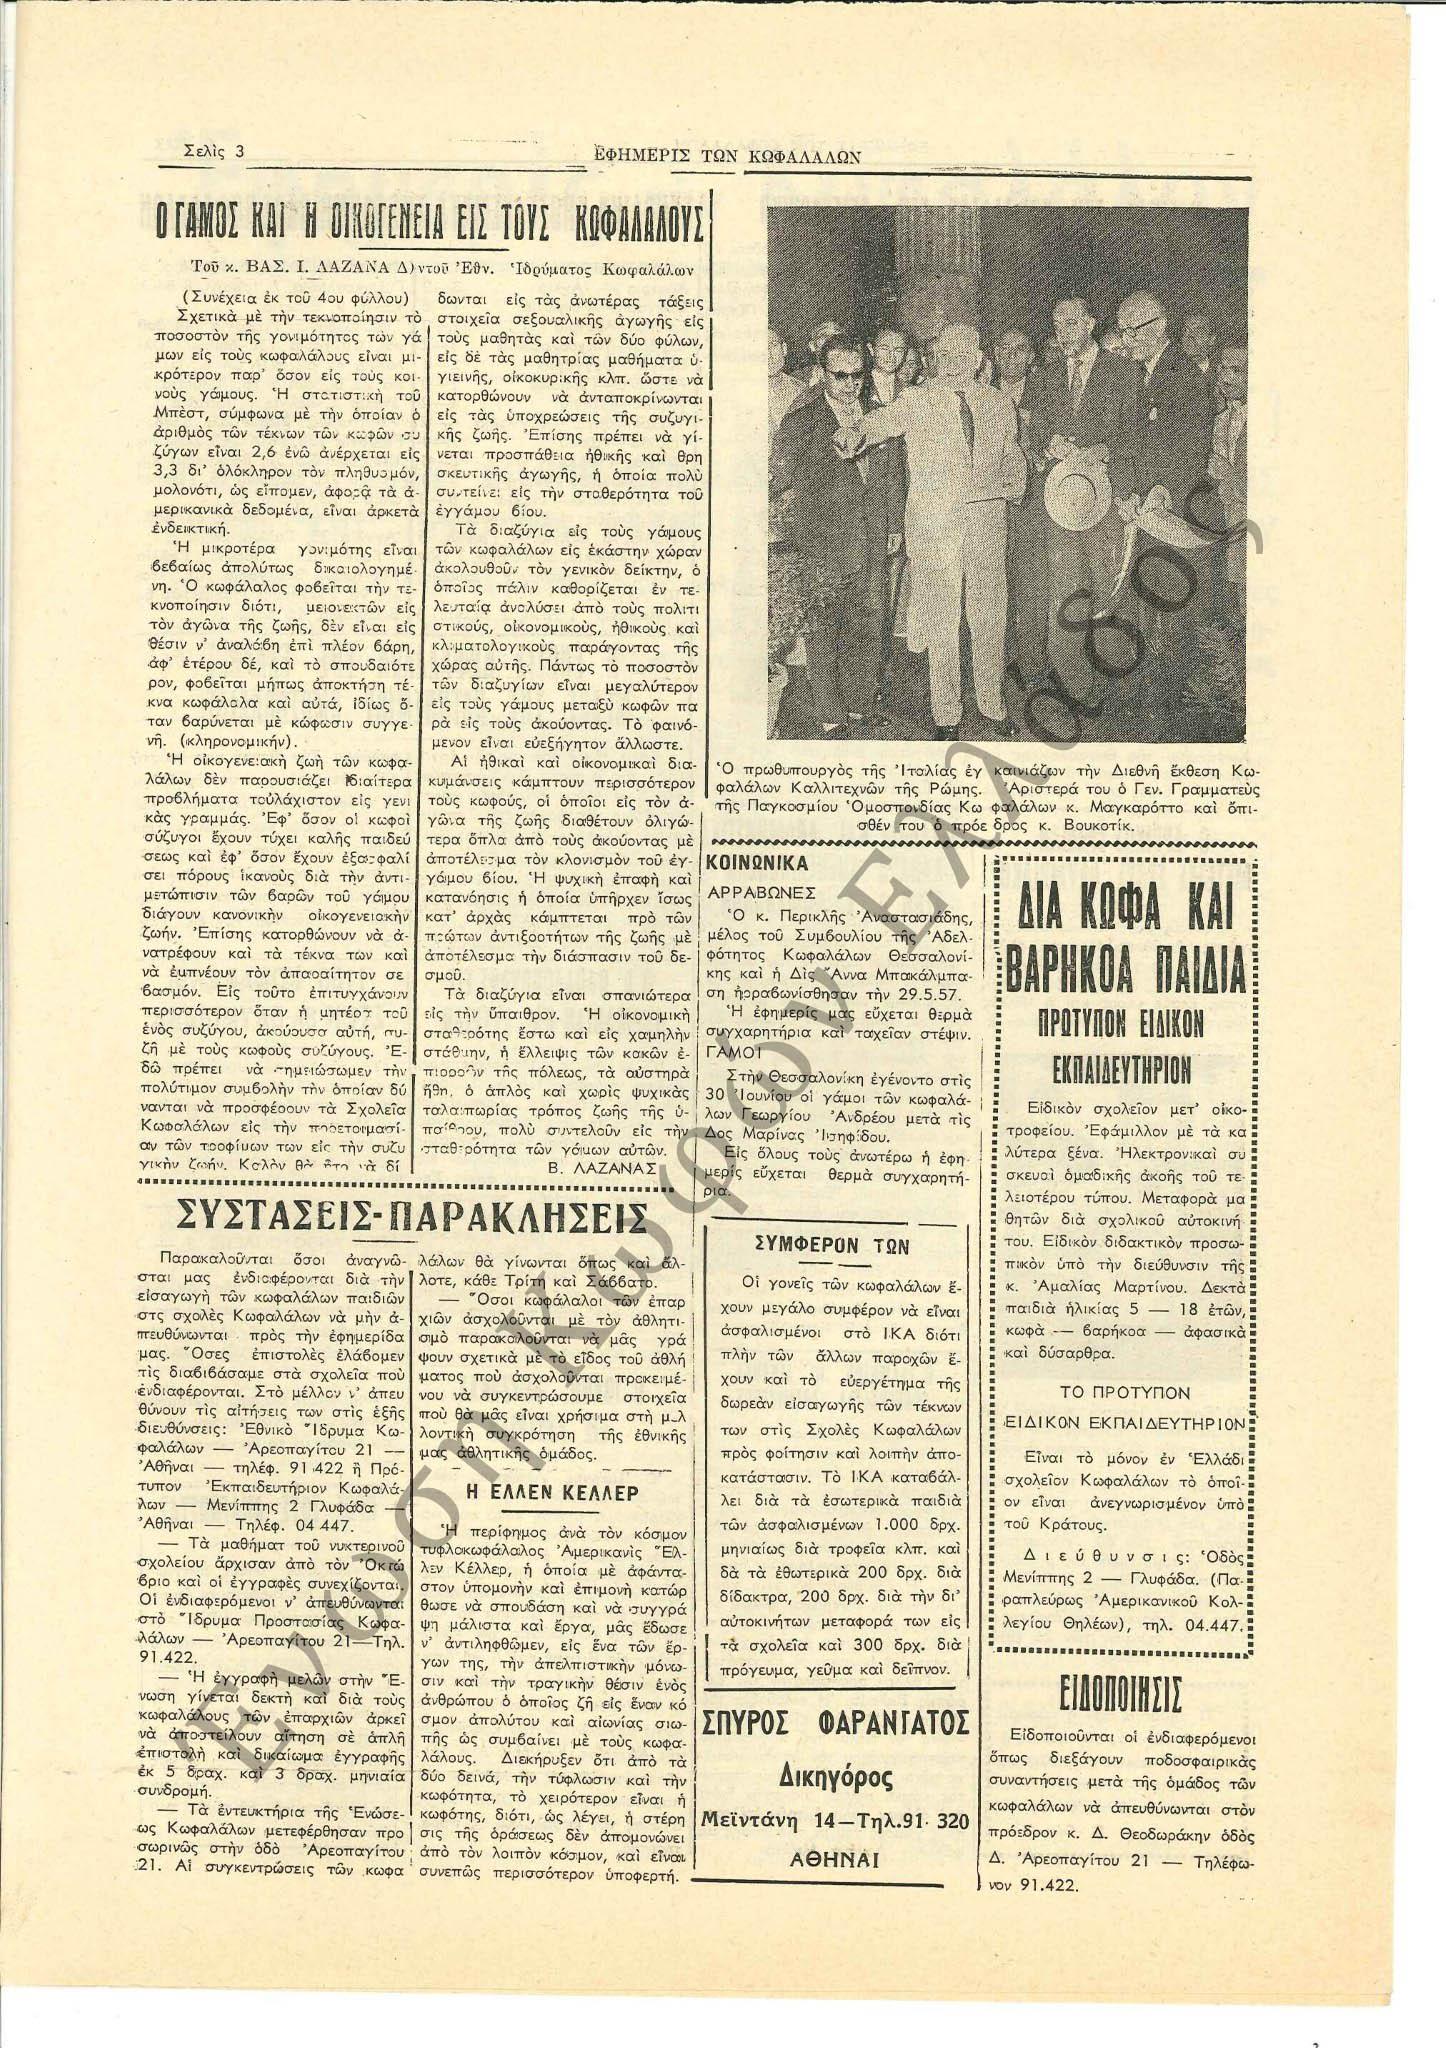 Εφημερίς των Κωφαλάλων 1957-Νοέμβριος 3